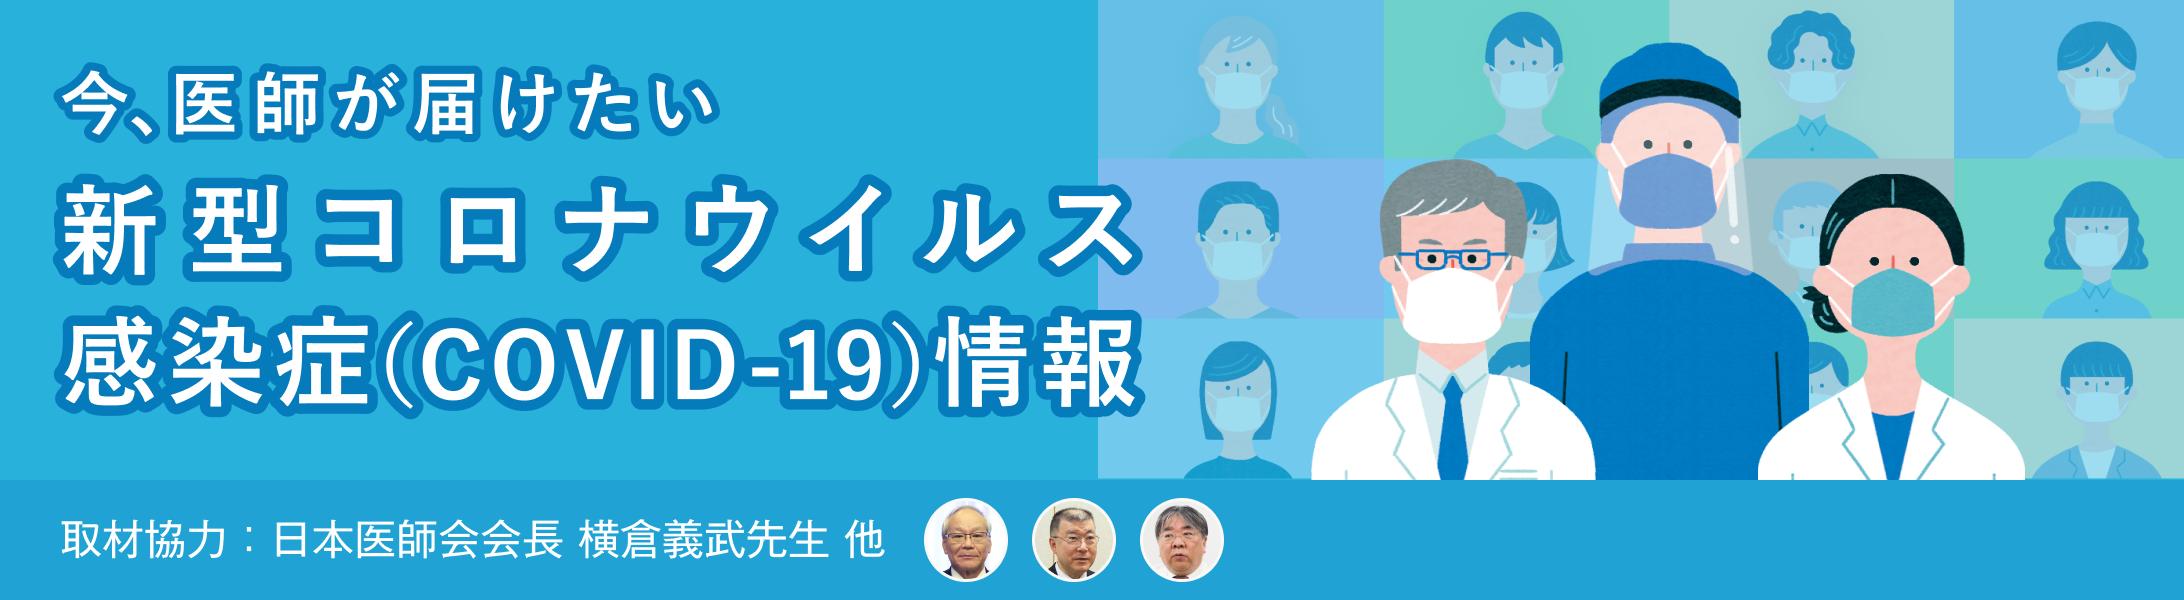 コロナ 札幌医科大学